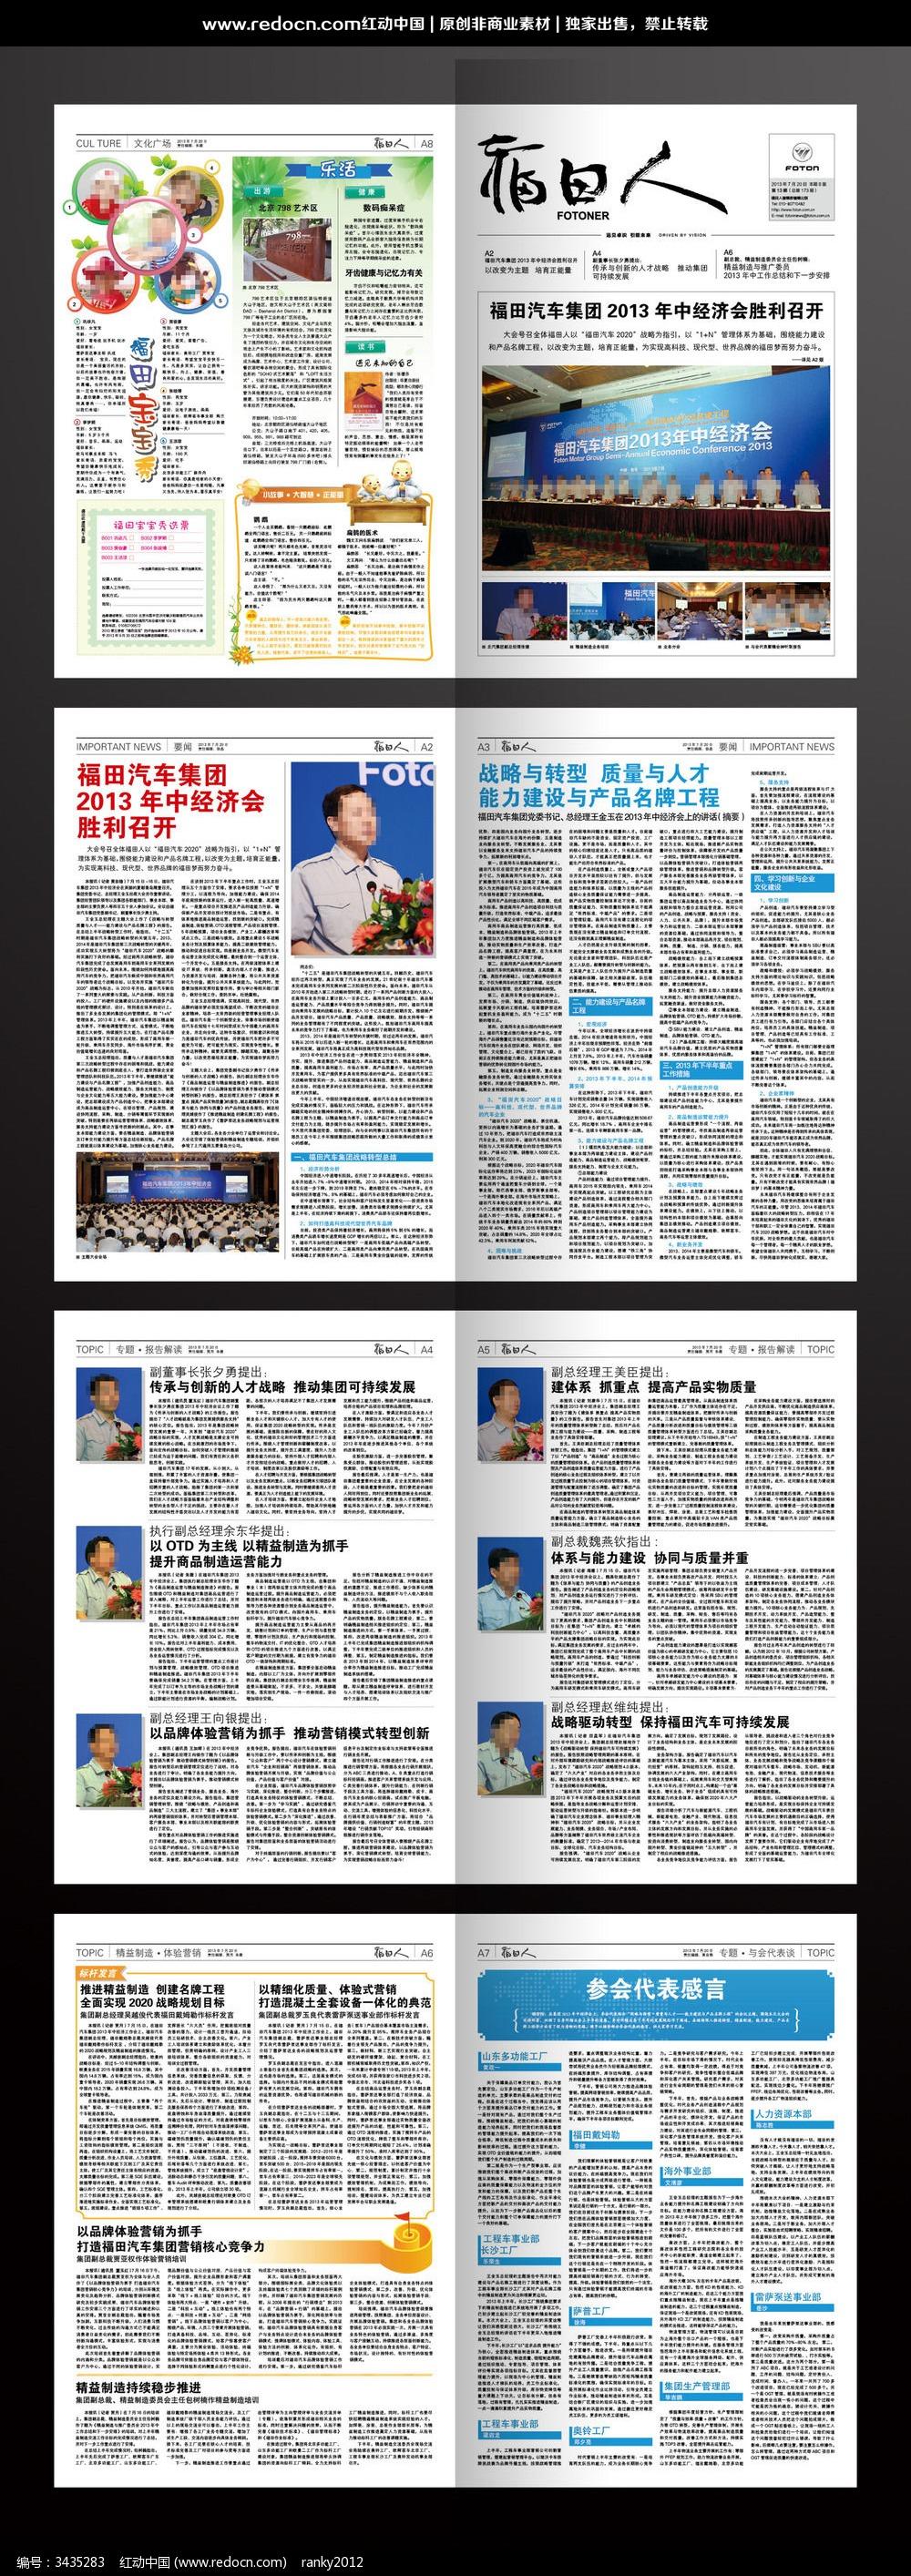 企业报纸版面排版设计indd格式图片